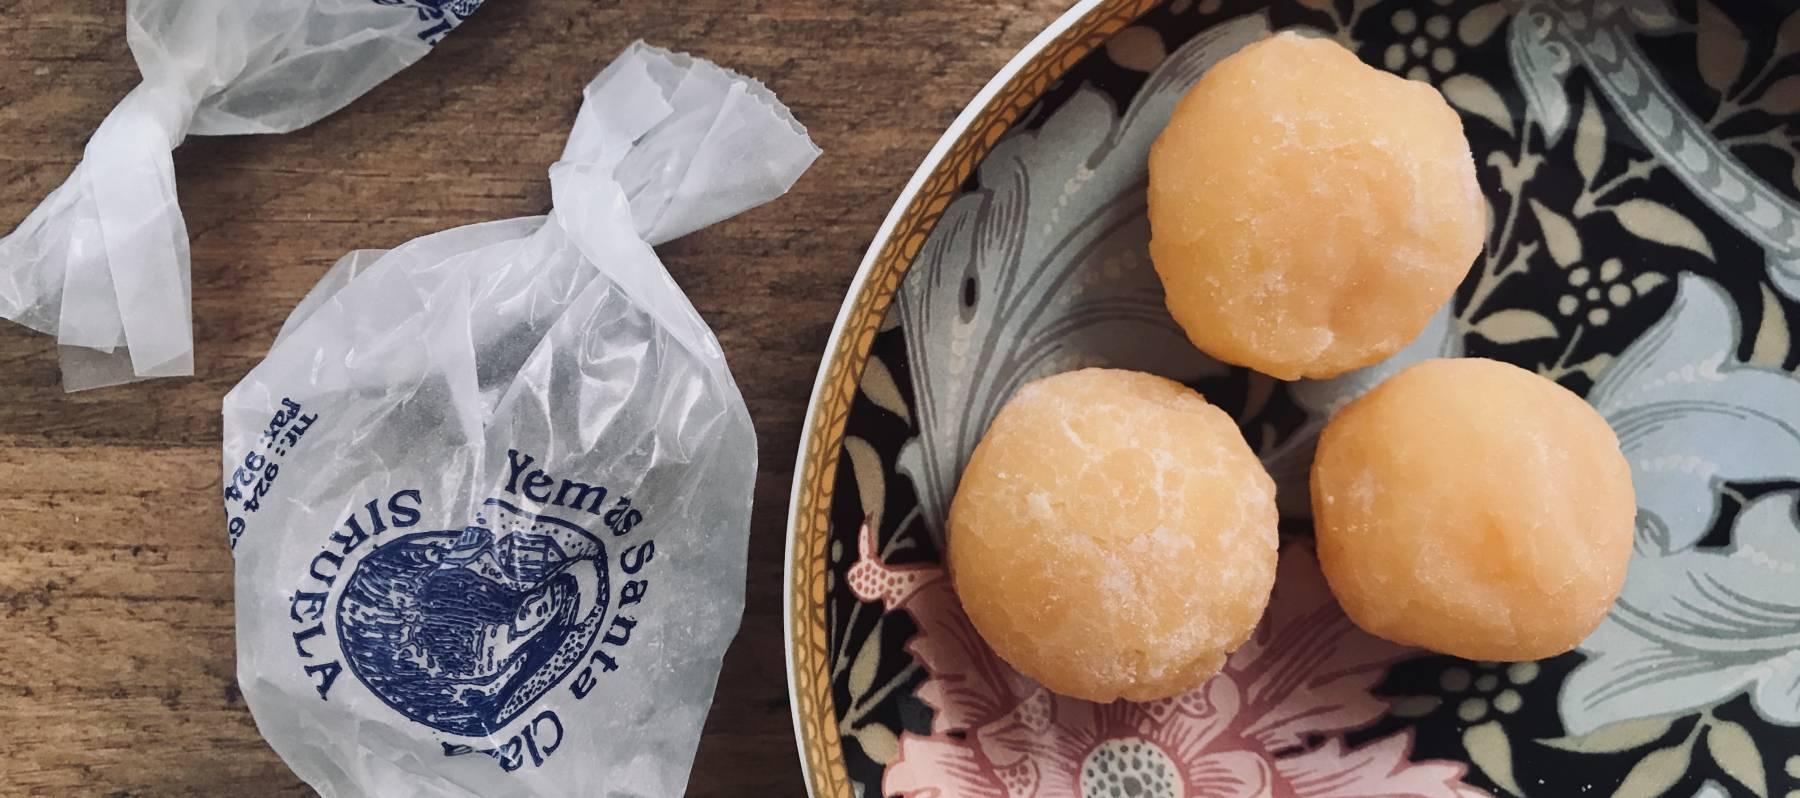 Diez dulces monacales a los que entregarse esta Semana Santa